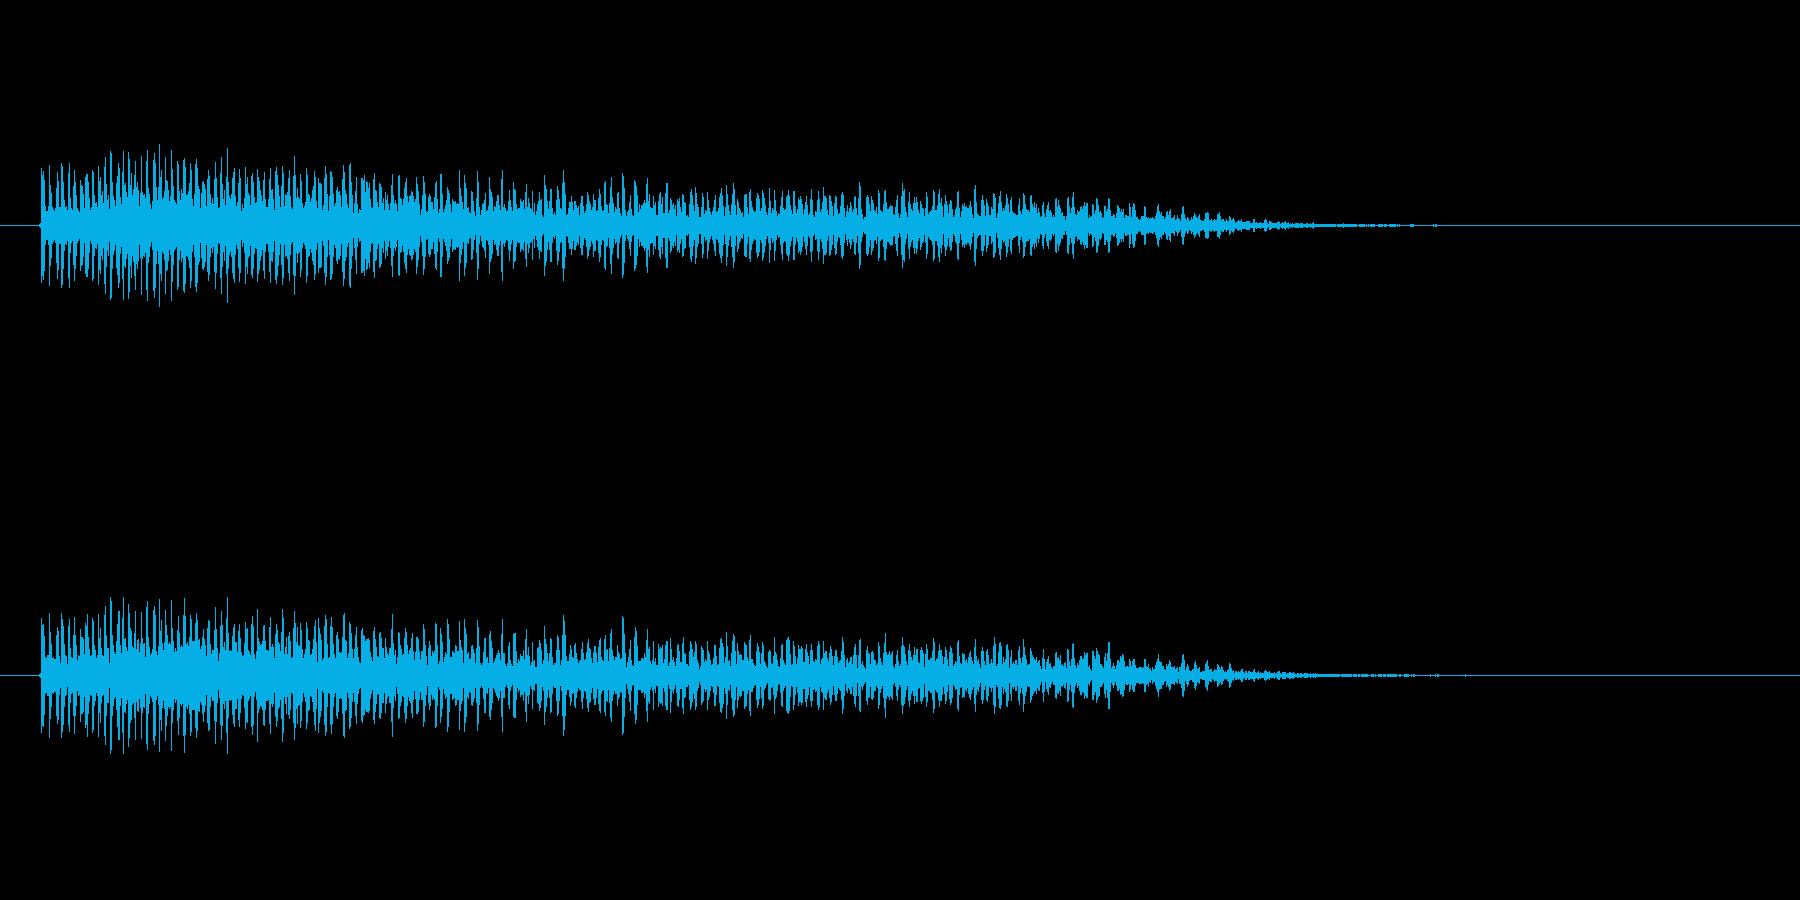 【ビブラスラップ01-8】の再生済みの波形